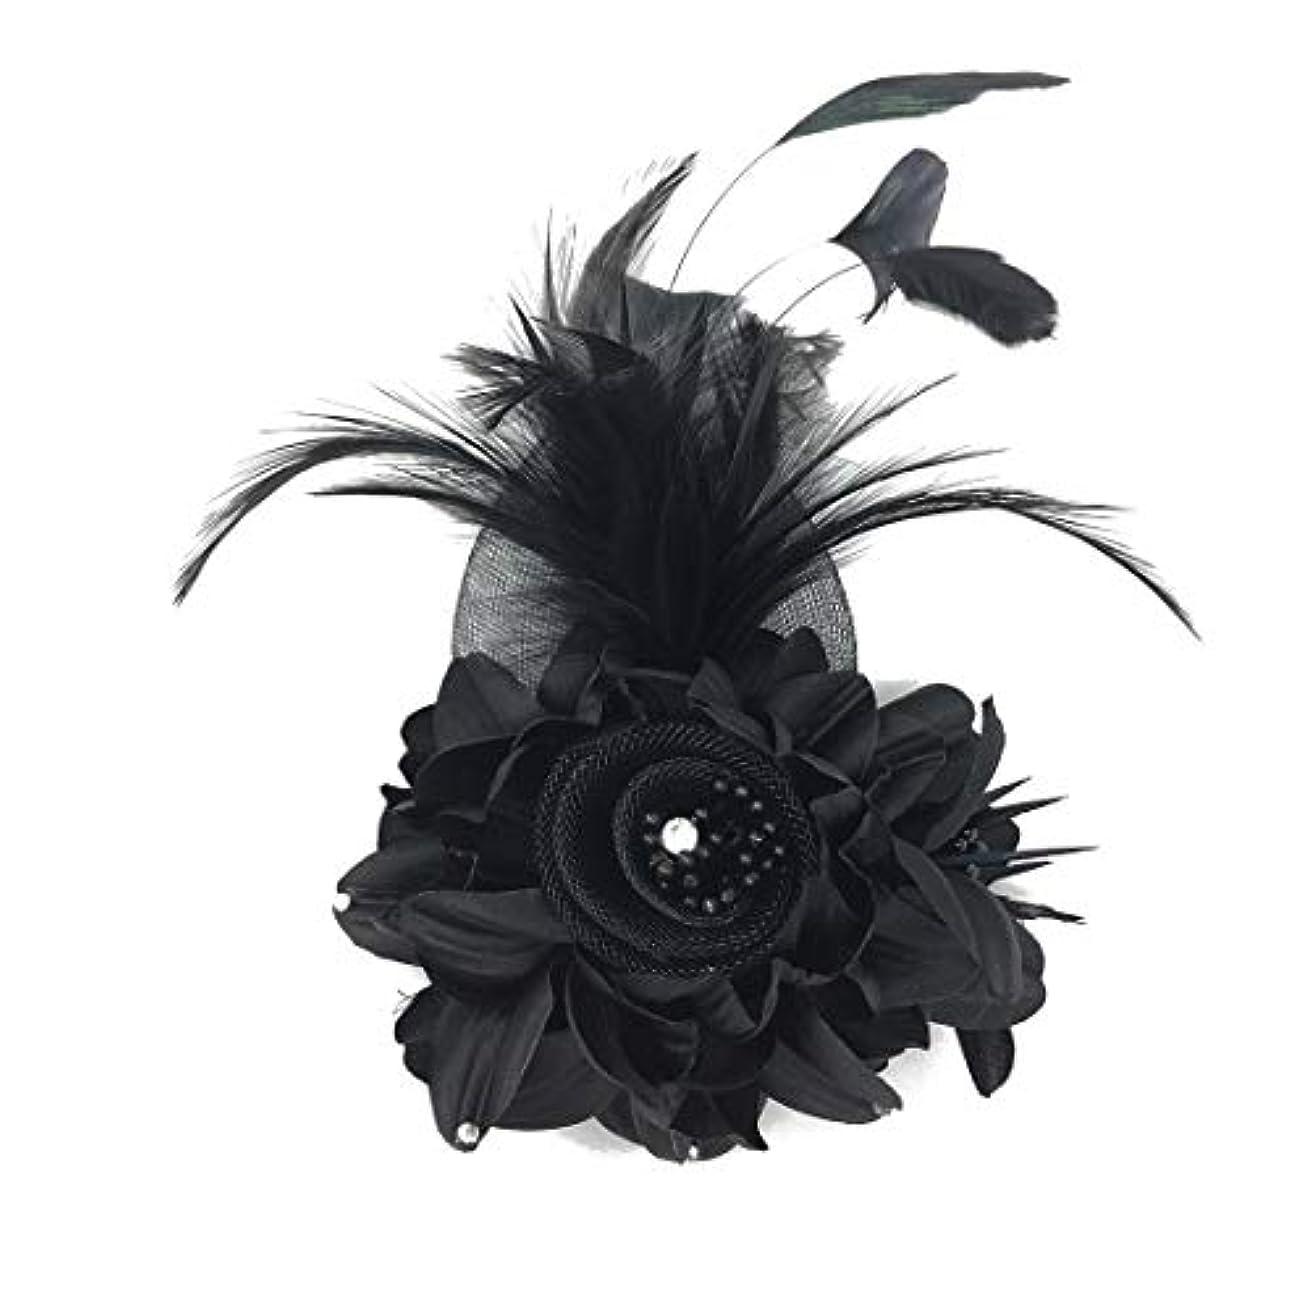 突然の服を洗うトレッドコサージュ 入学式 コサージュ フォーマル 2way ヘッドドレス 卒業式 黒 コサージュ 結婚式 髪飾り fh18008bk